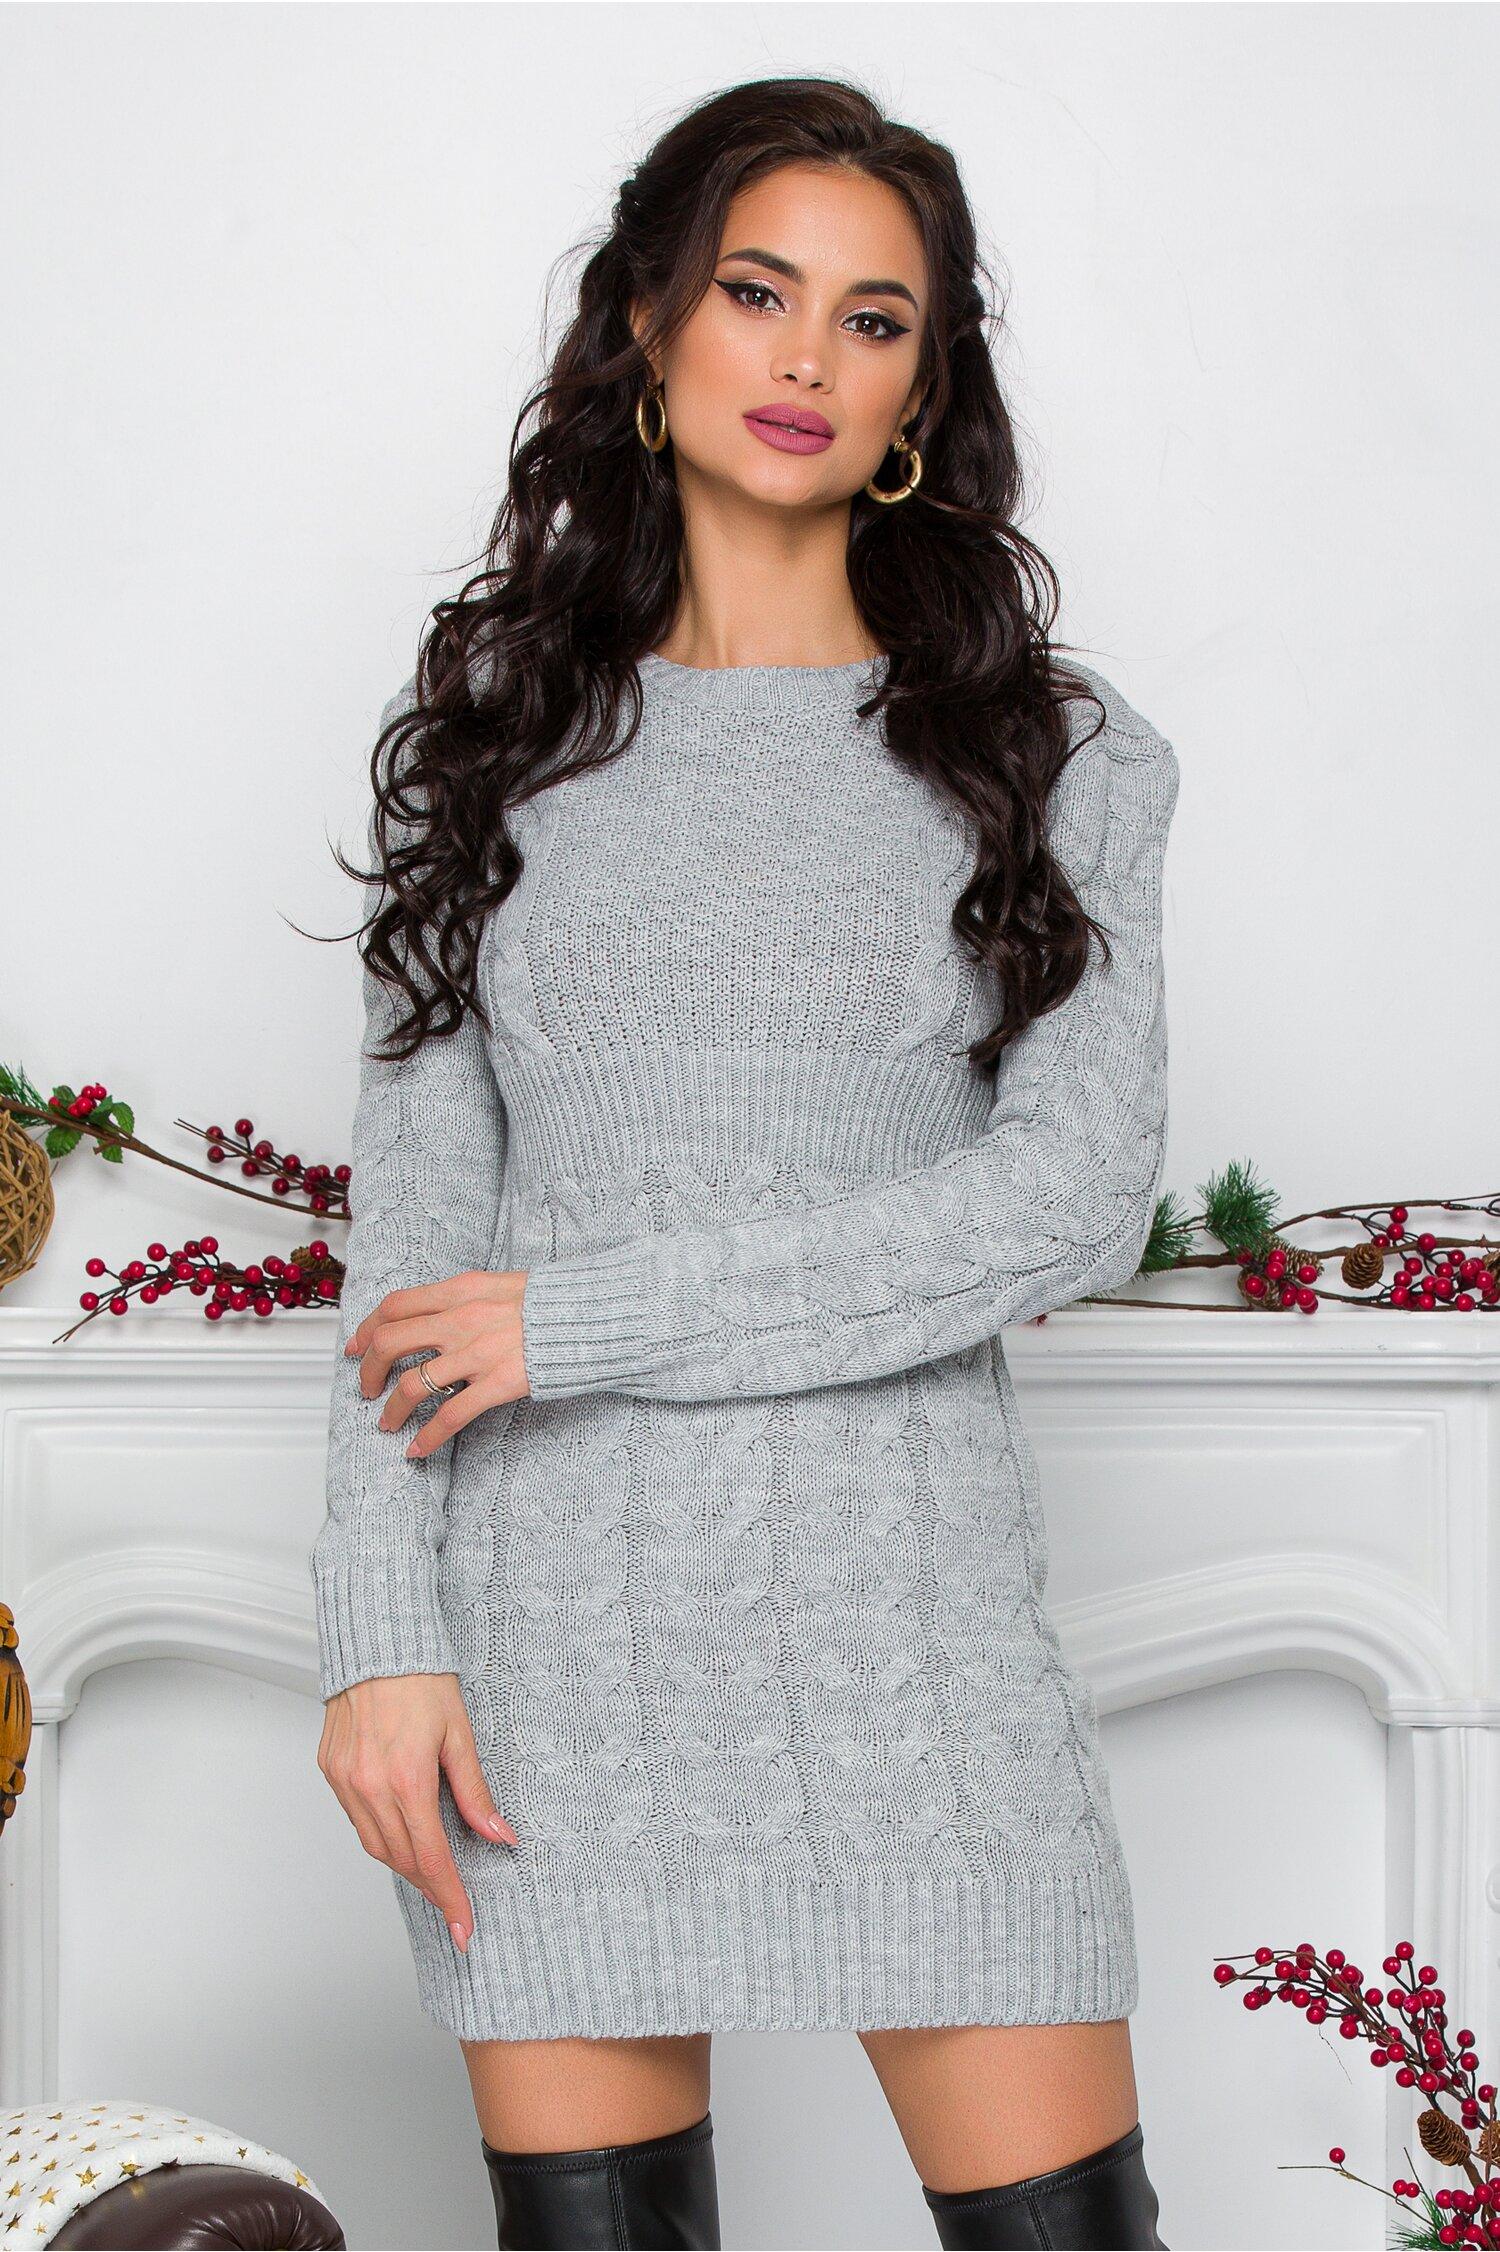 Rochie Tara gri din tricot cu design impletit